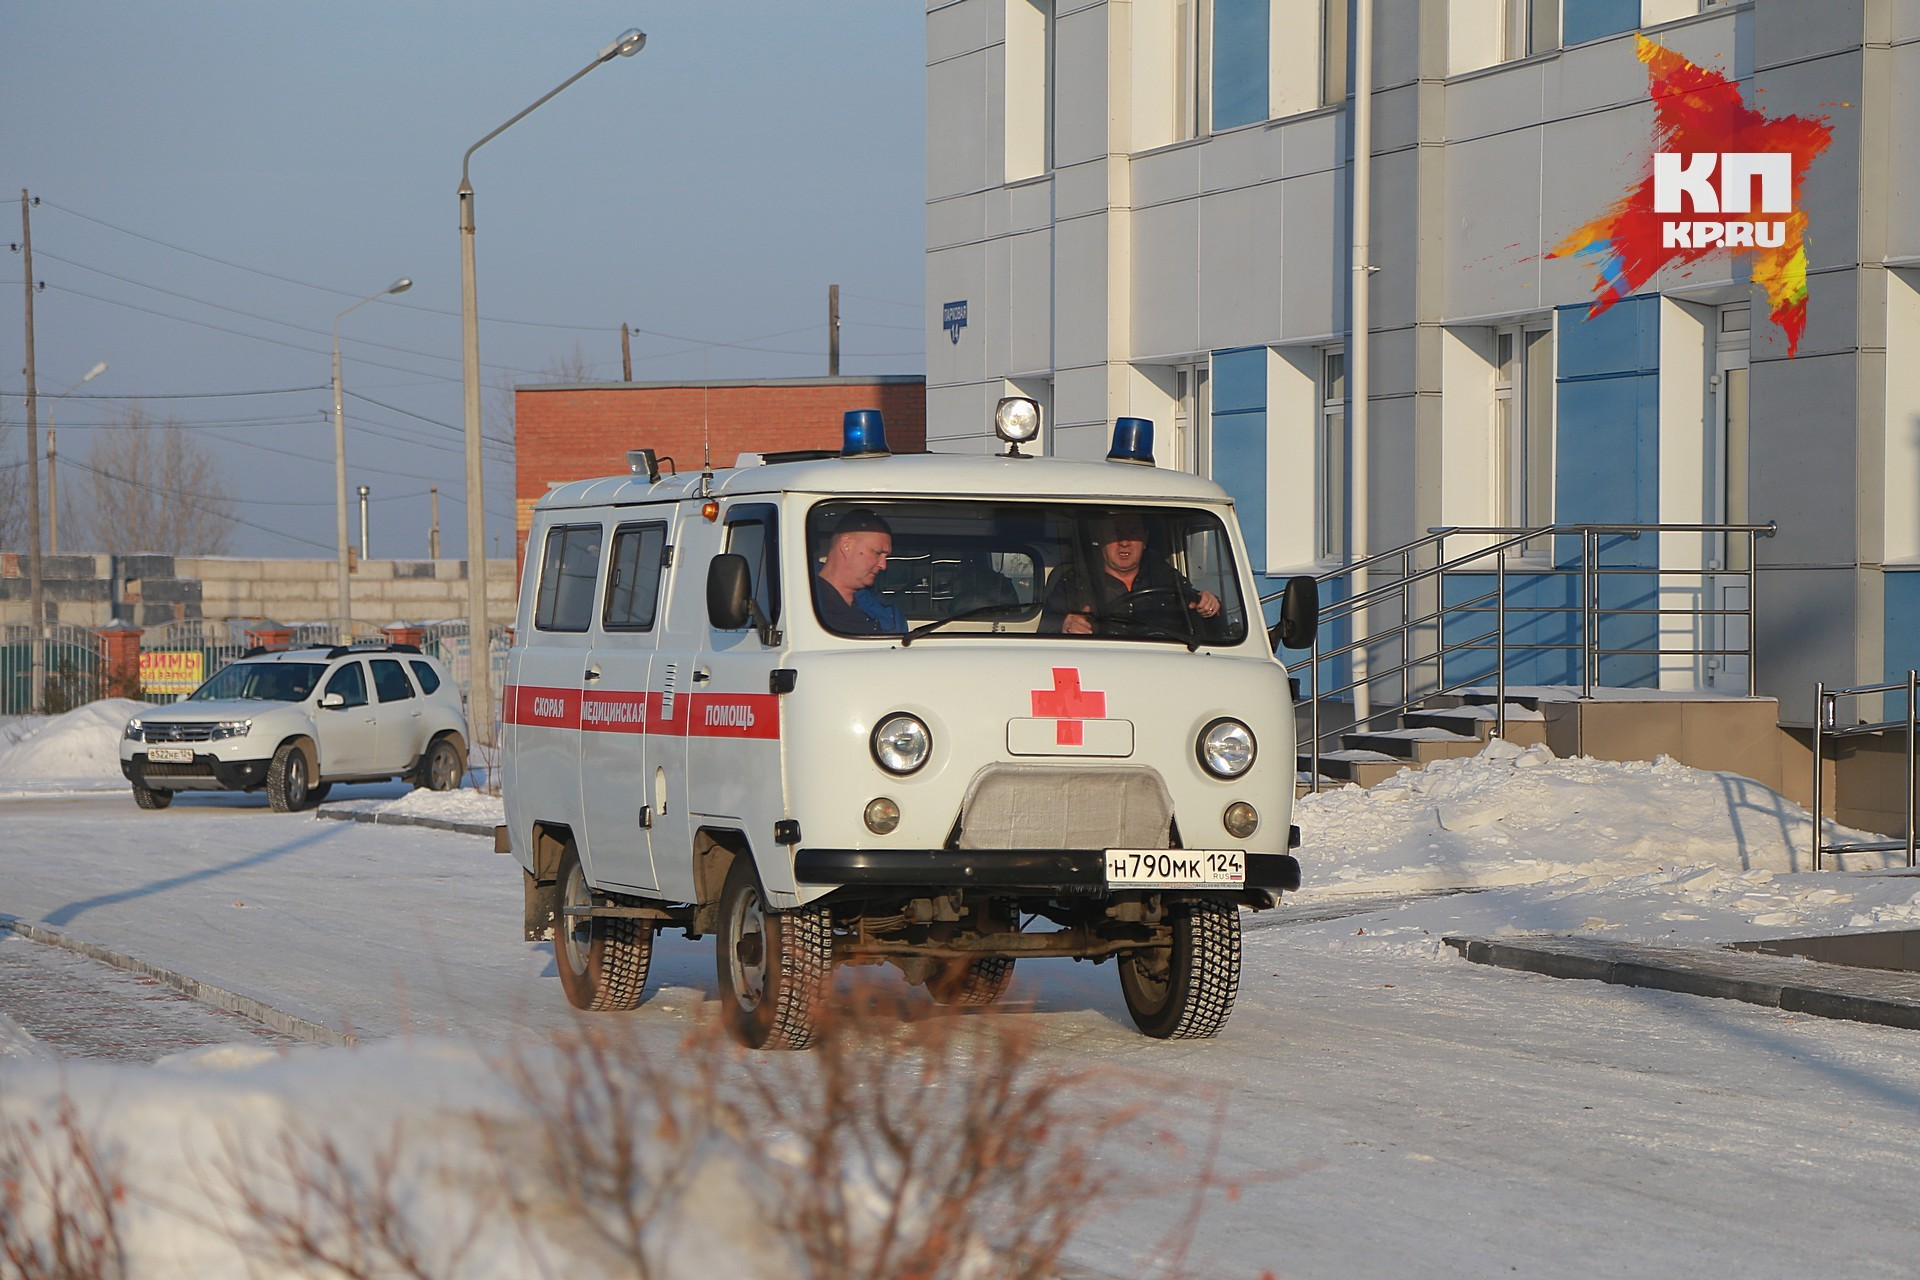 ВКрасноярском крае четверо детей отравились угарным газом повине рассеянной тети